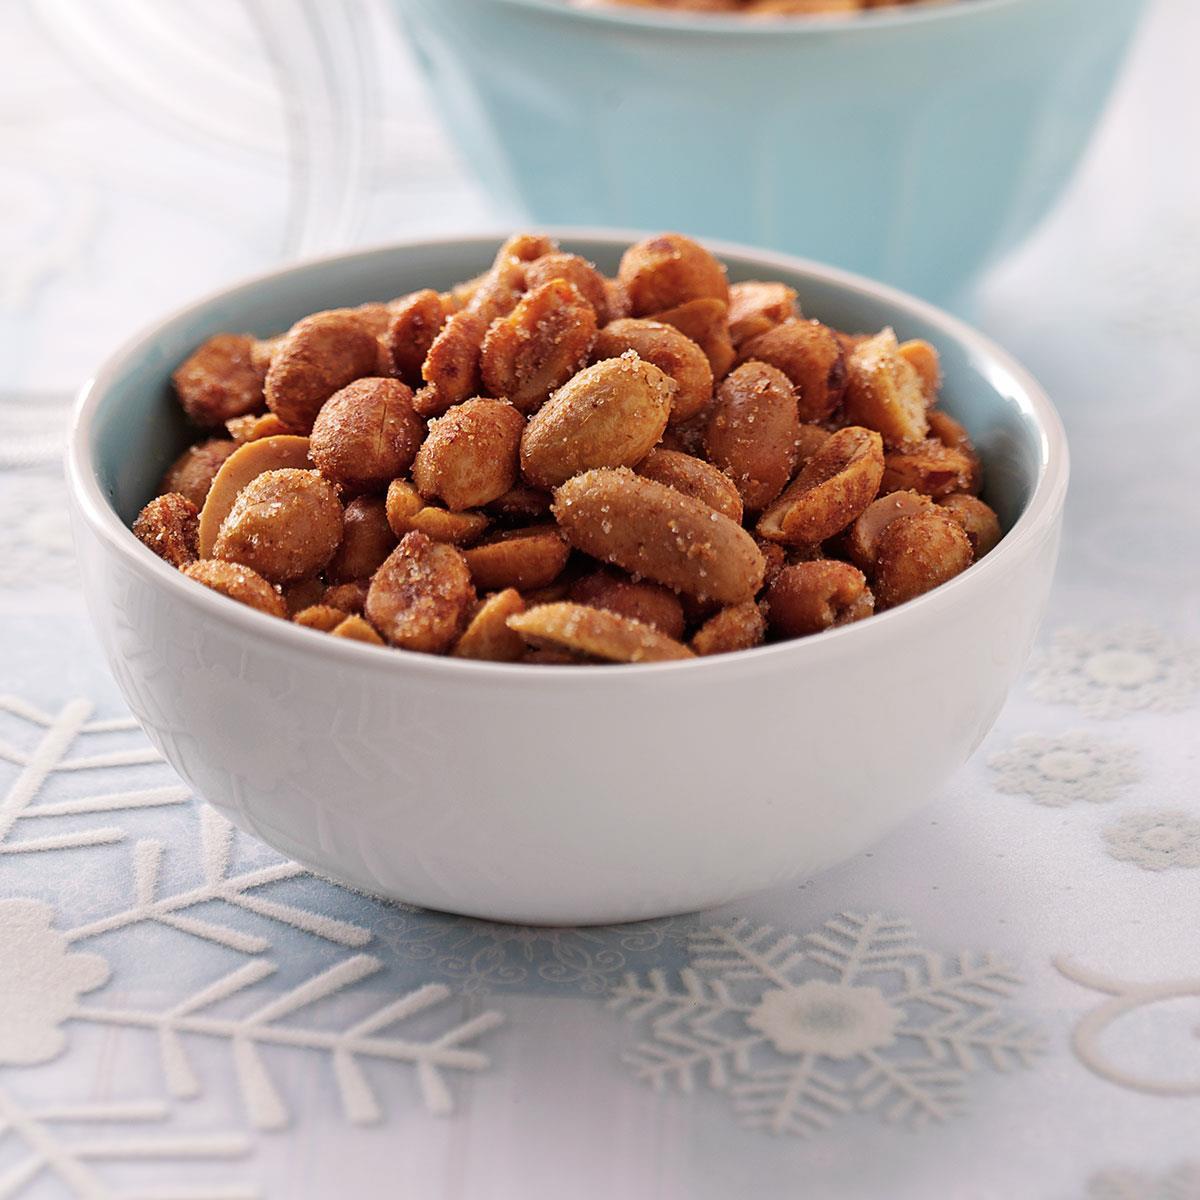 Spiced Peanuts_image